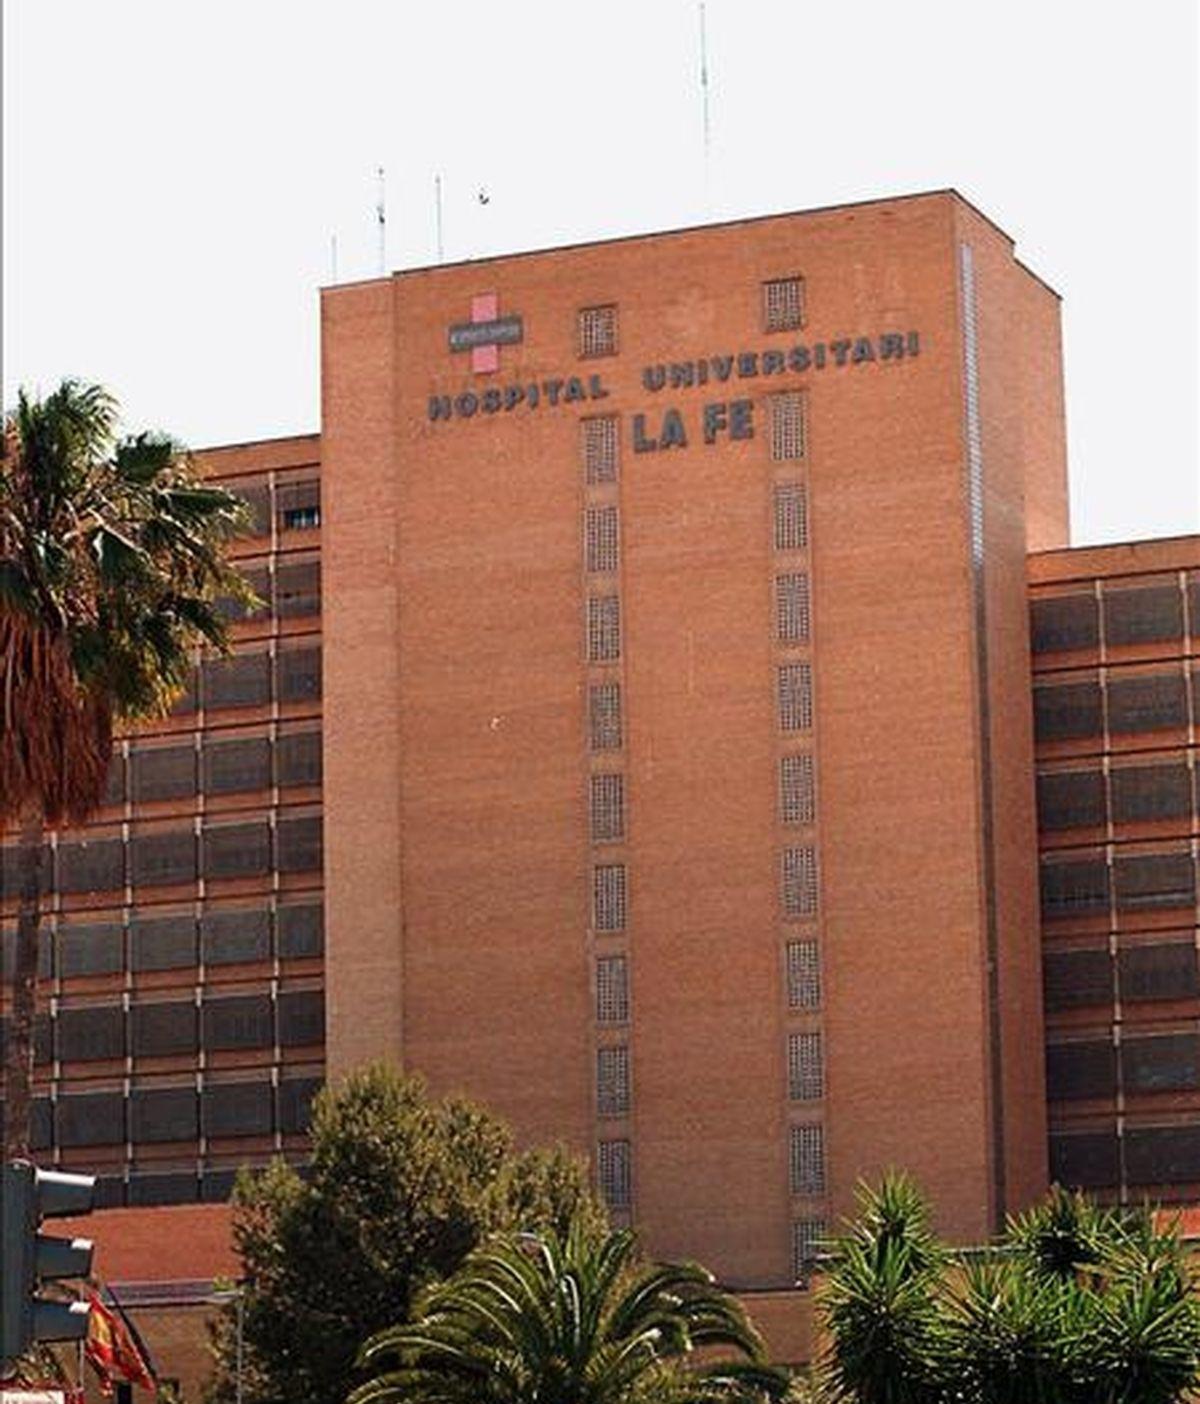 Fachada del Hospital Universitario La Fe de Valencia que ha recibido la autorización para realizar trasplantes de cara tras la publicación en el boletín oficial de la Comunidad el visto bueno. EFE/Archivo